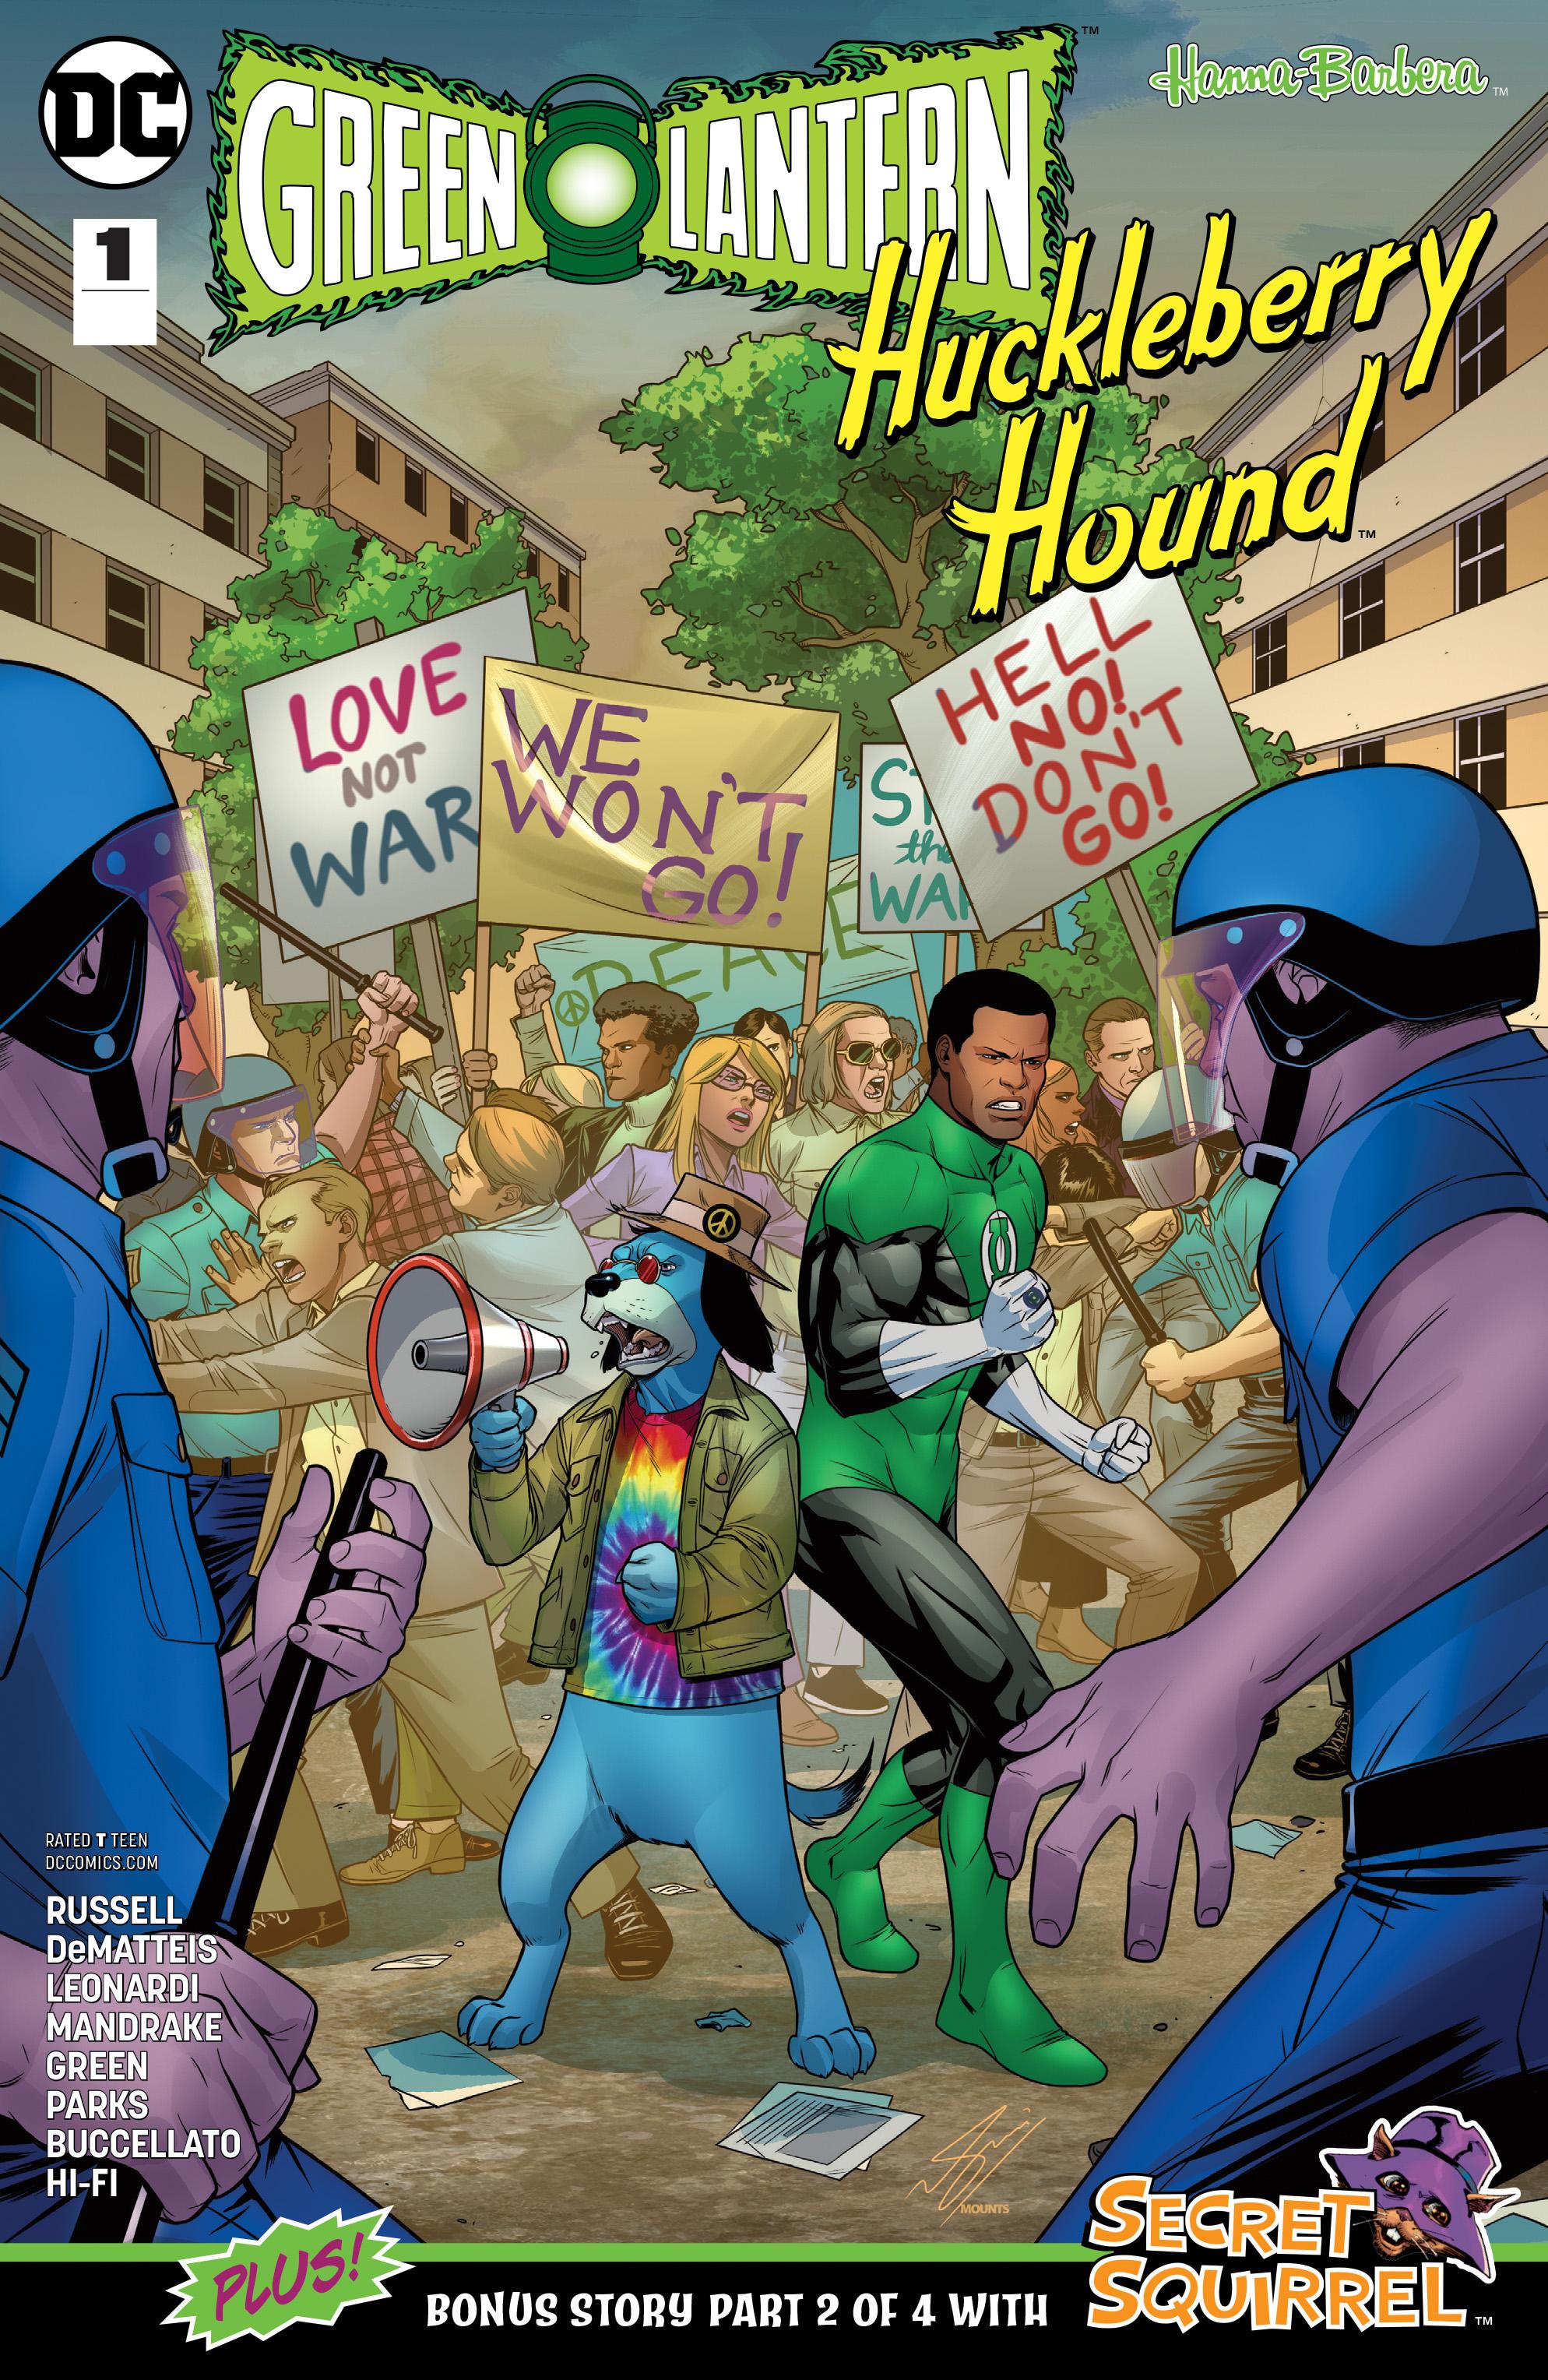 GREEN LANTERN HUCKLEBERRY HOUND SPECIAL #1